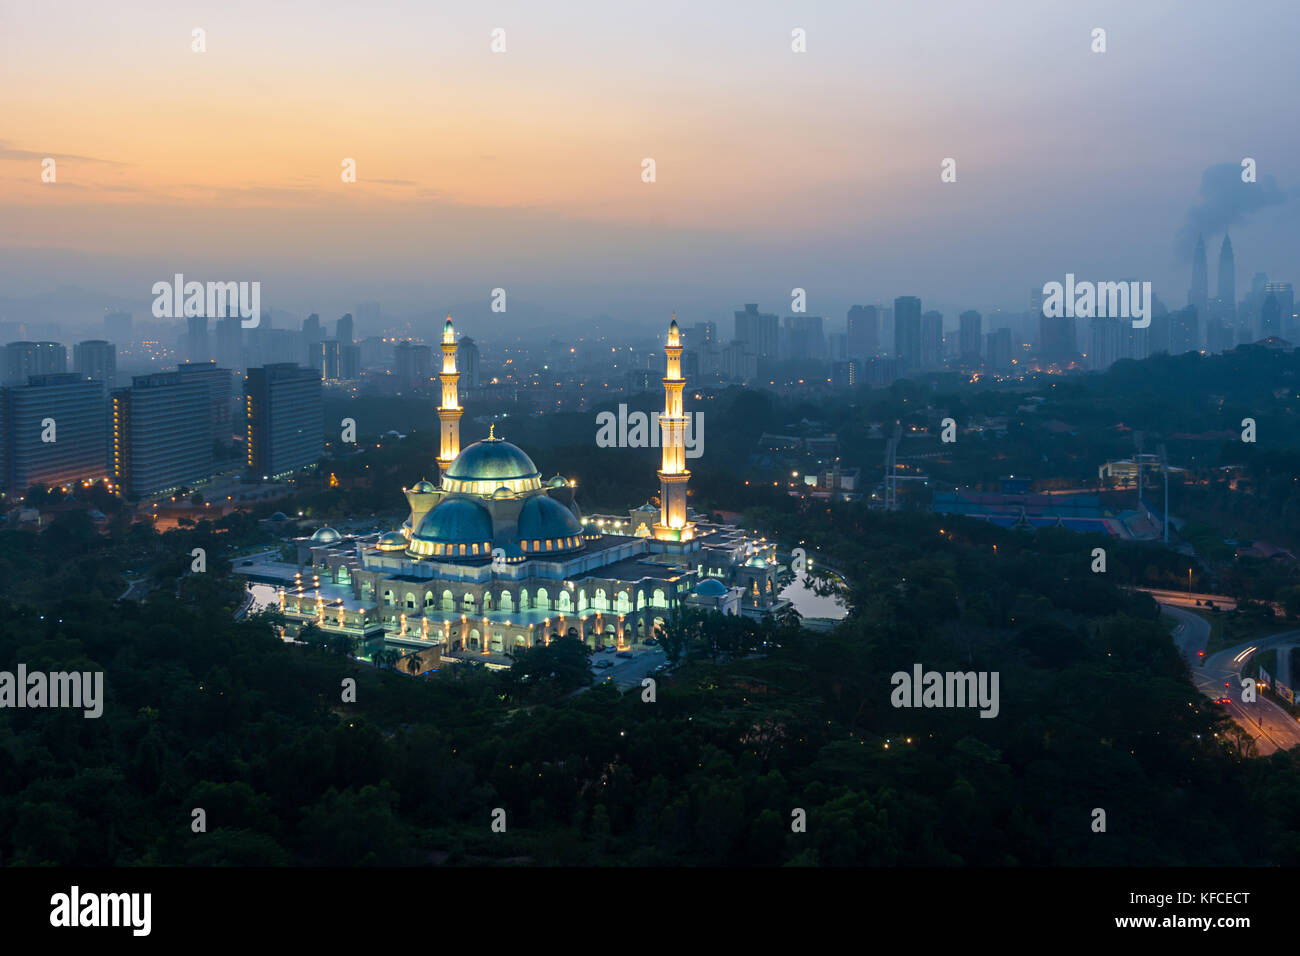 Vista aérea del territorio federal mezquita durante el amanecer. territorio federal mezquita es una gran mezquita Imagen De Stock